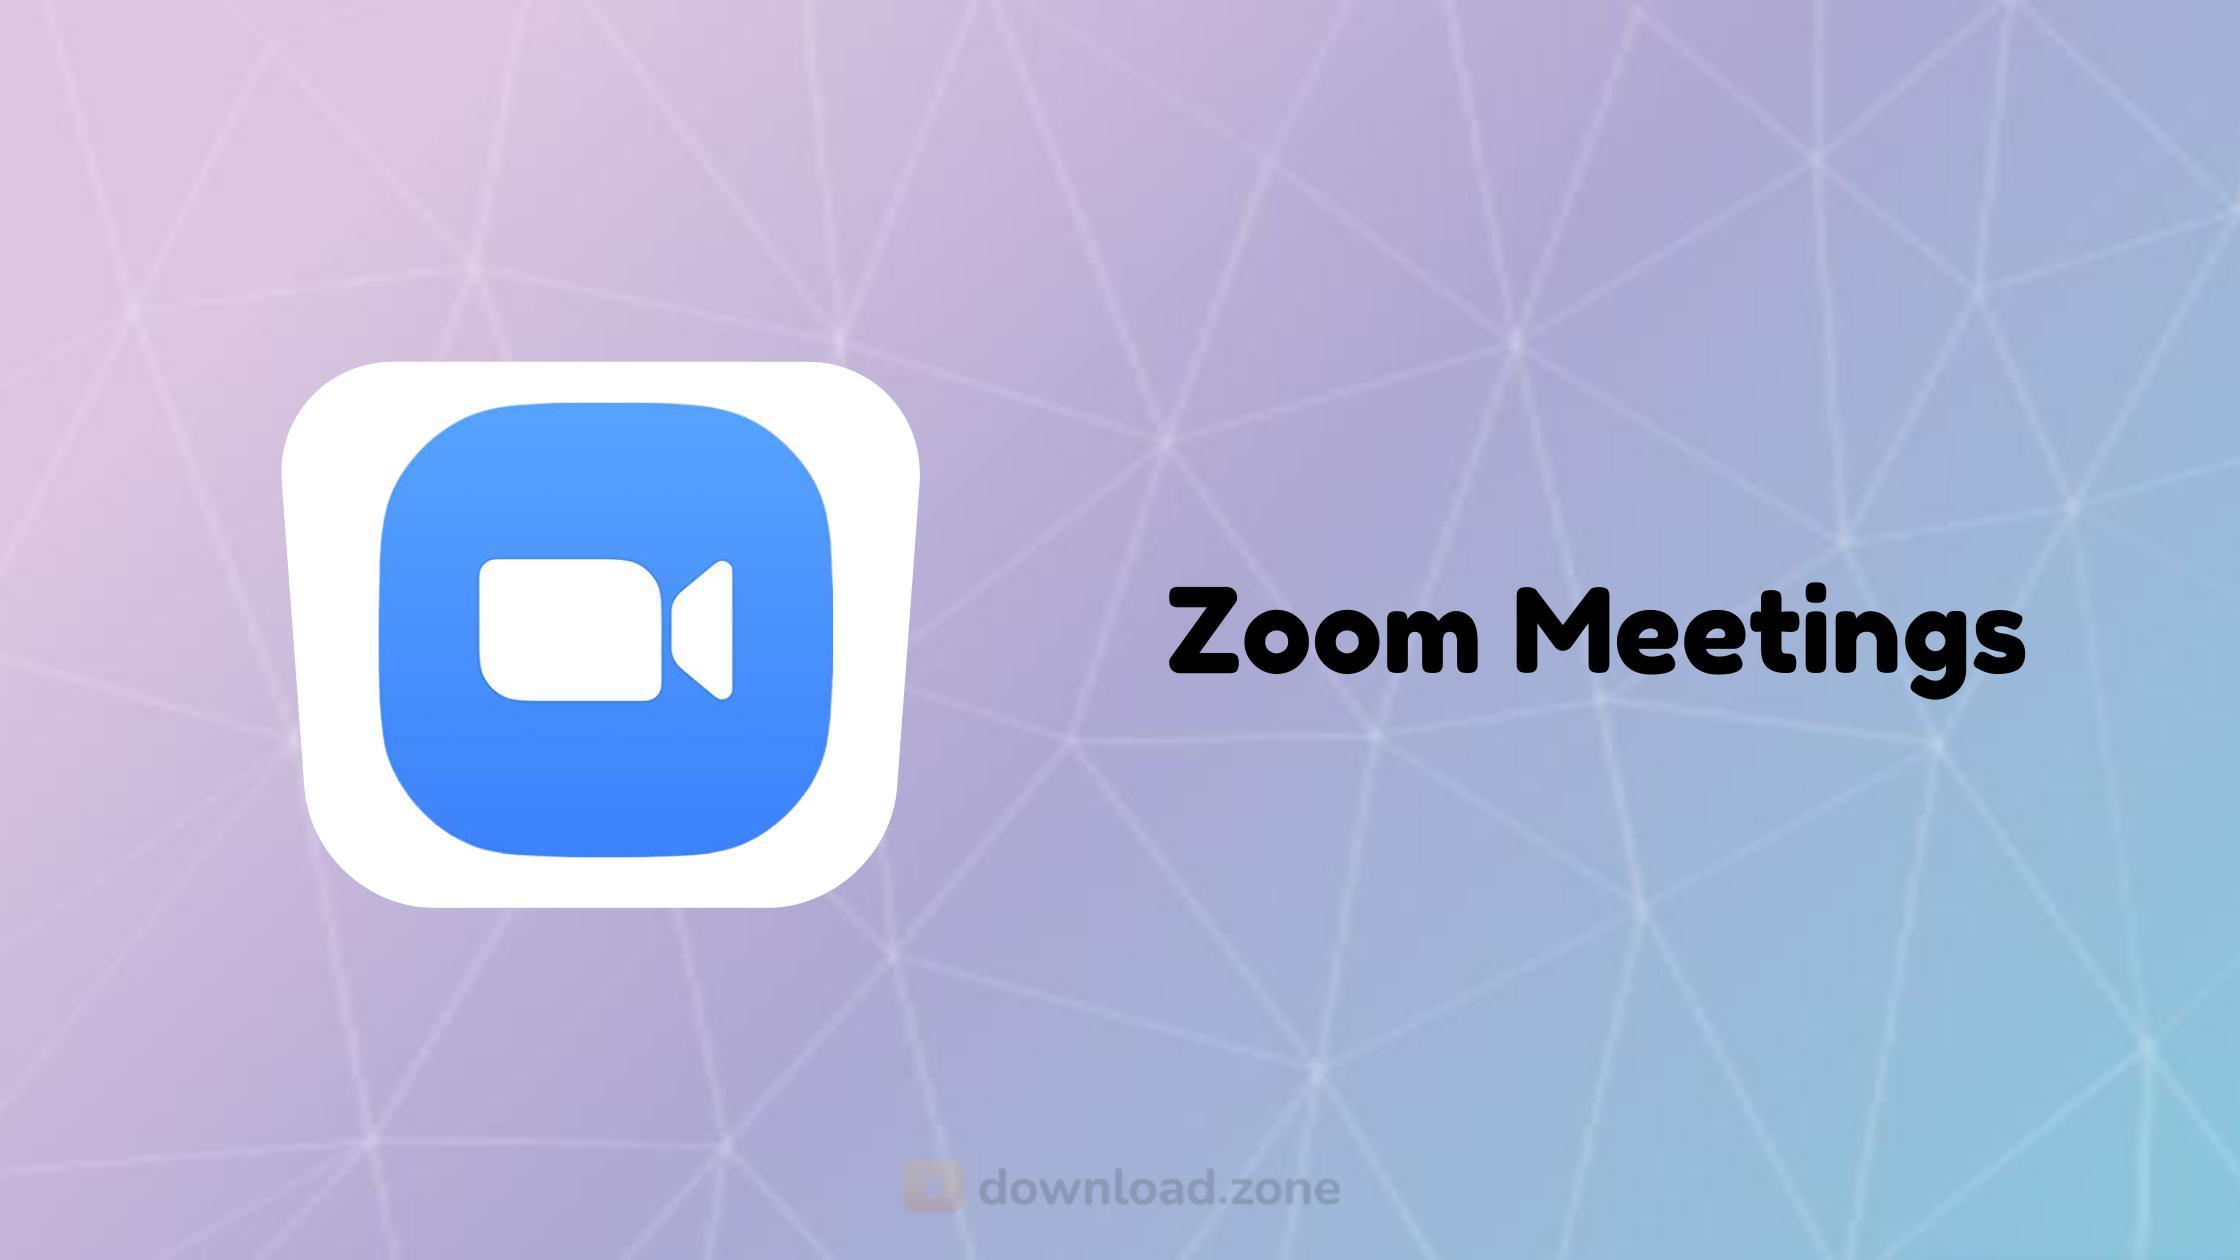 Download Zoom Cloud Meetings App For Pc Free To Enjoy Webinars